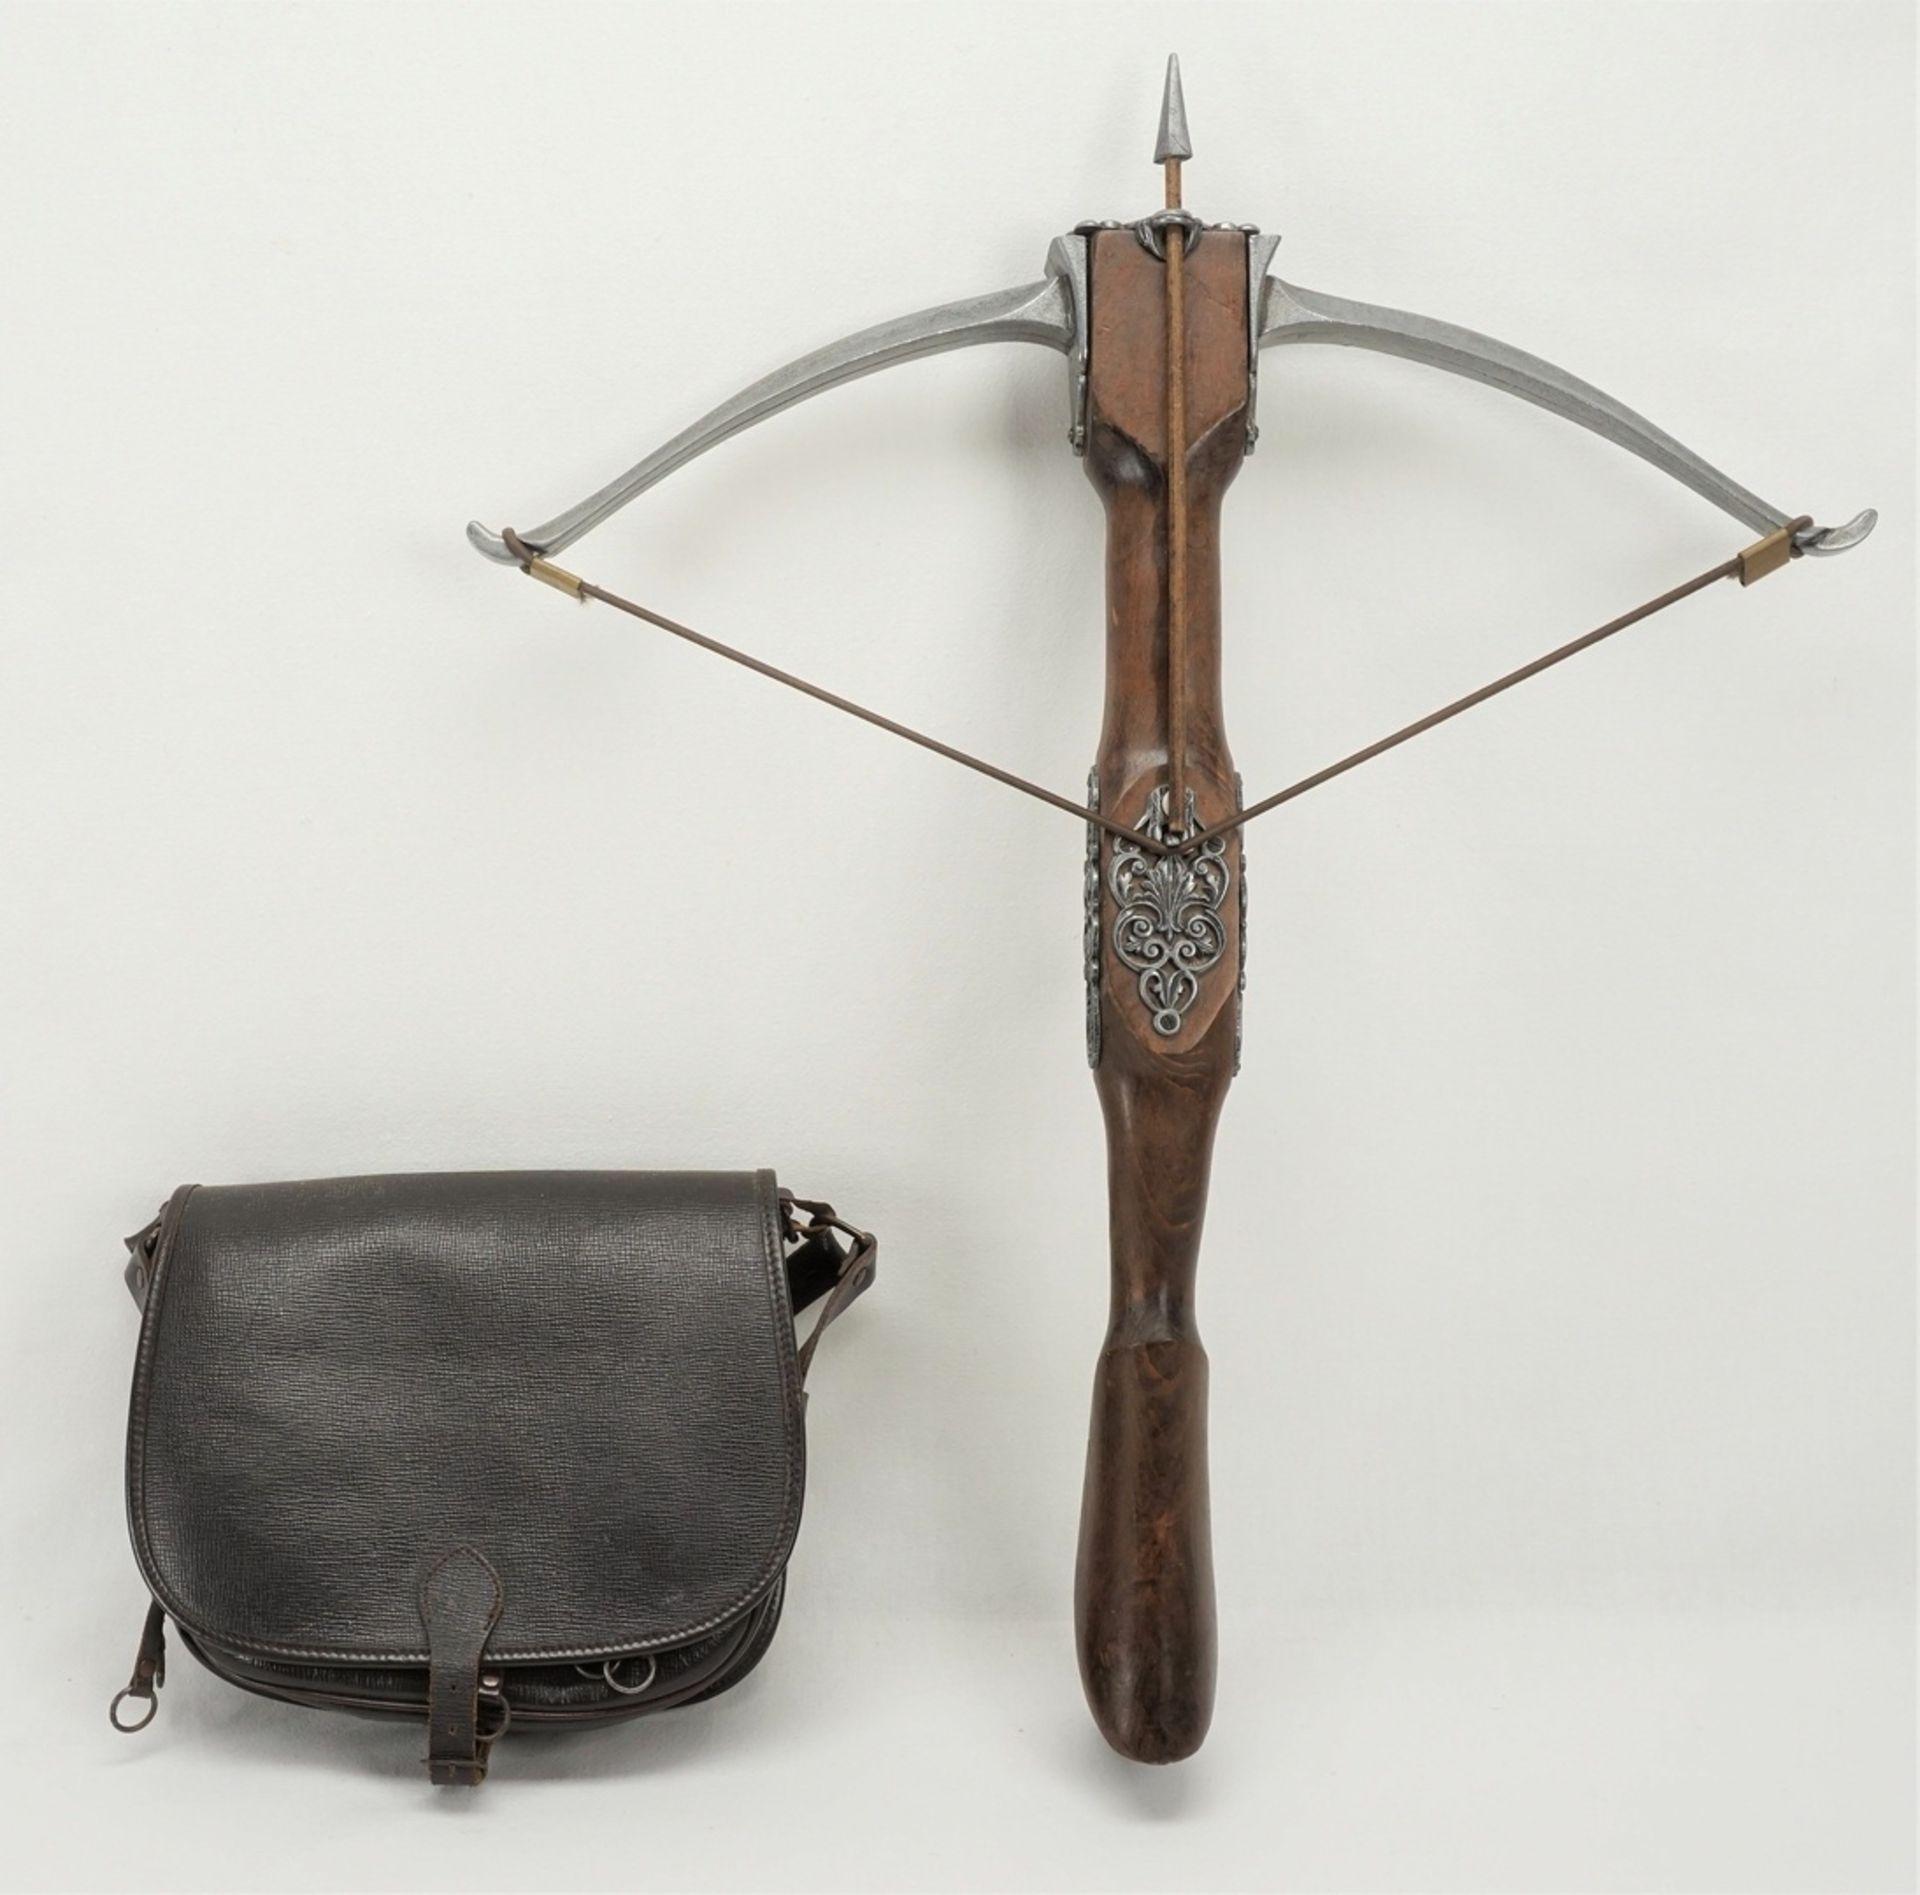 Armbrust und Jagdtasche